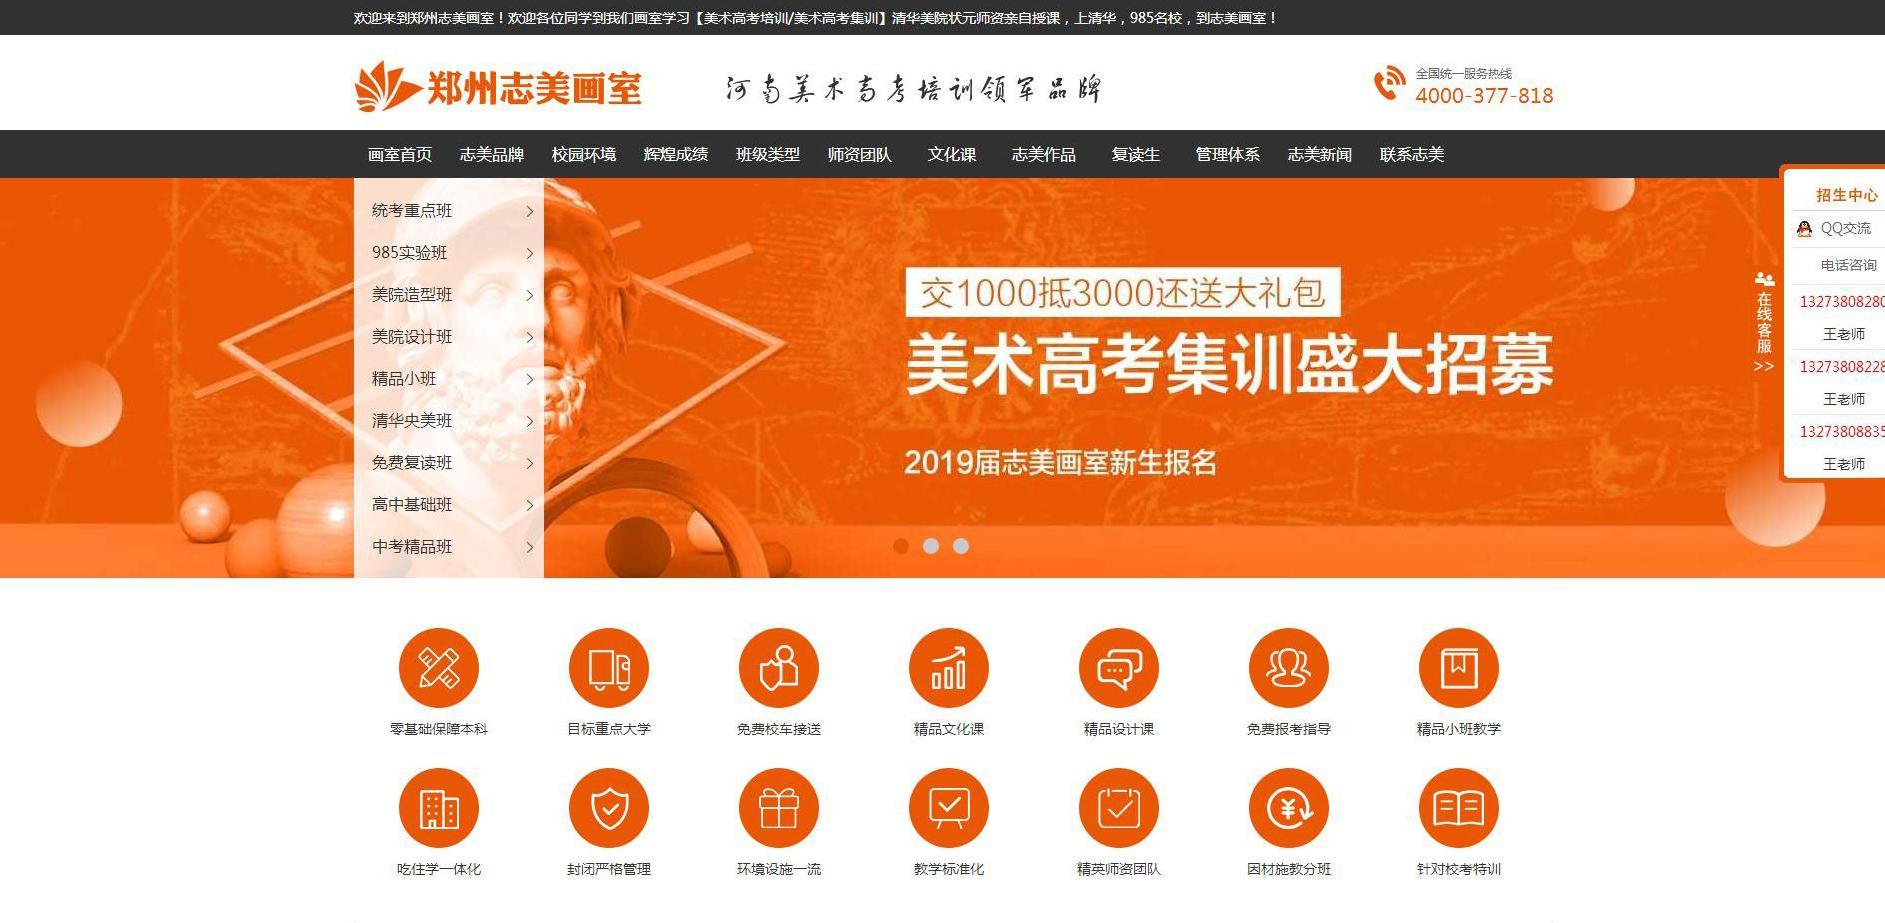 郑州画室ope官方ope官方ope官方网站下载下载下载案例